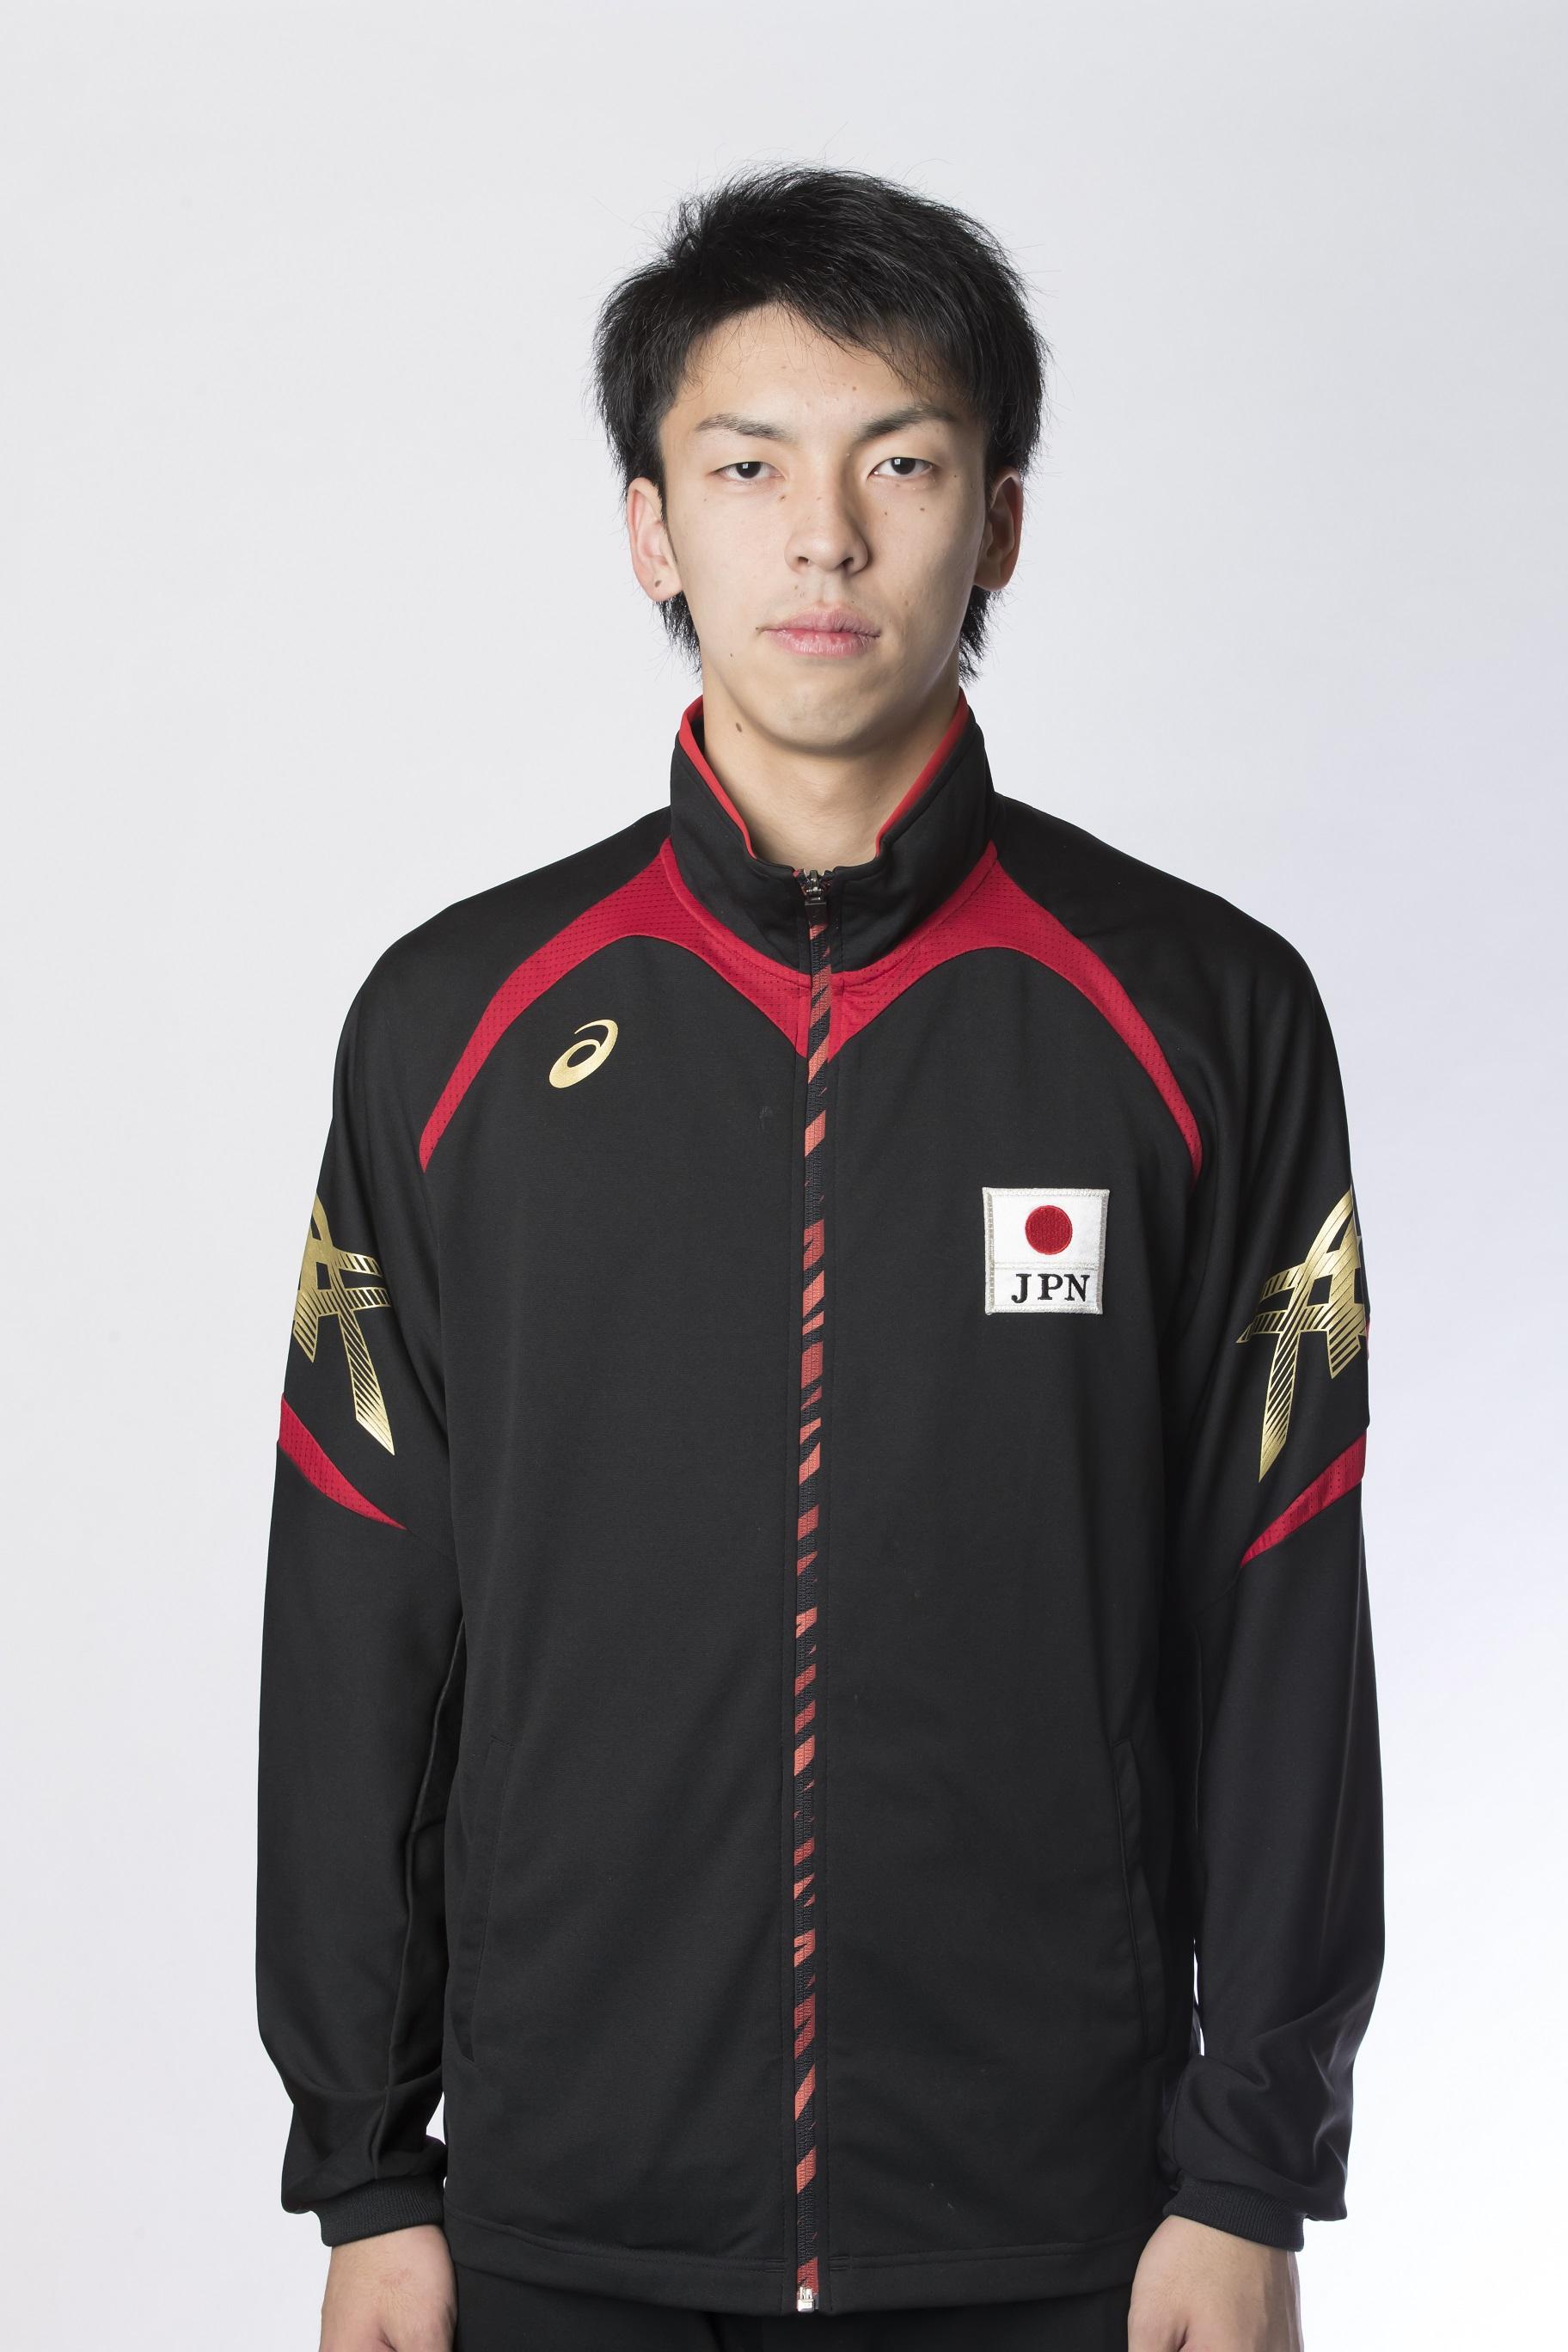 Takaki Koyama